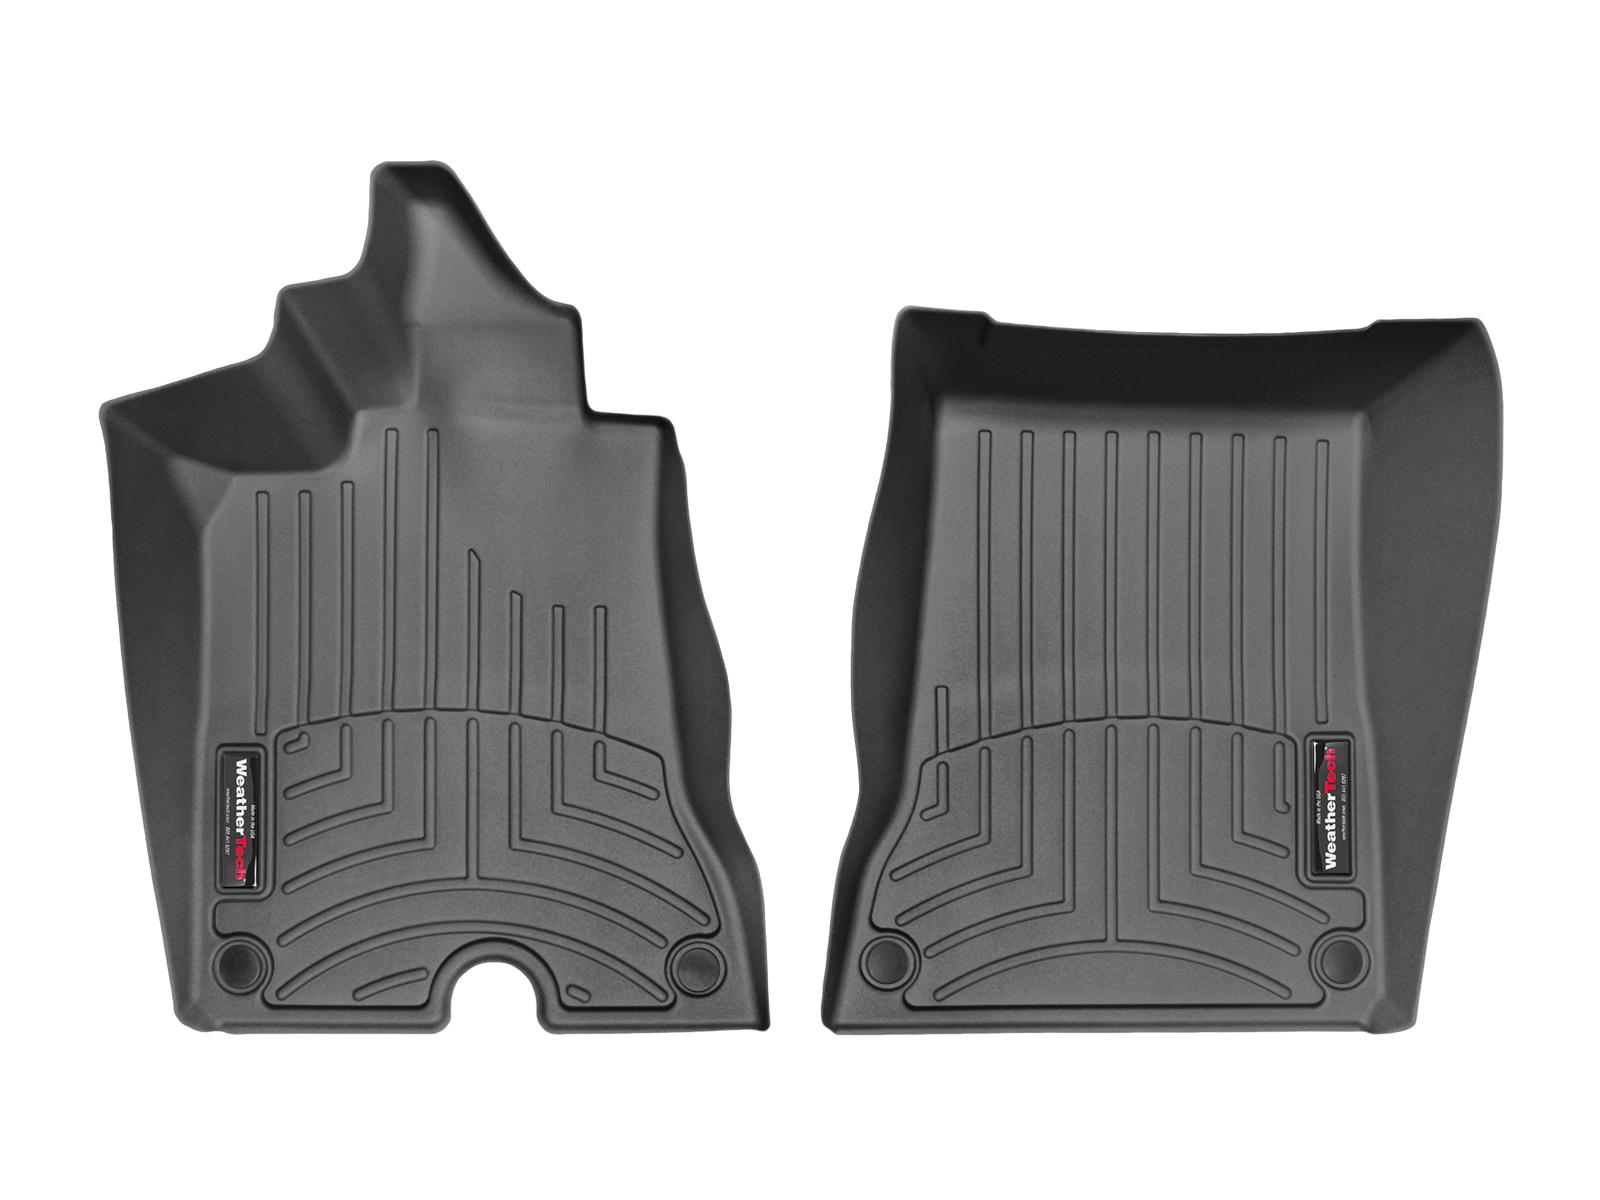 Tappeti gomma su misura bordo alto Ferrari California T 14>15 Nero A739*